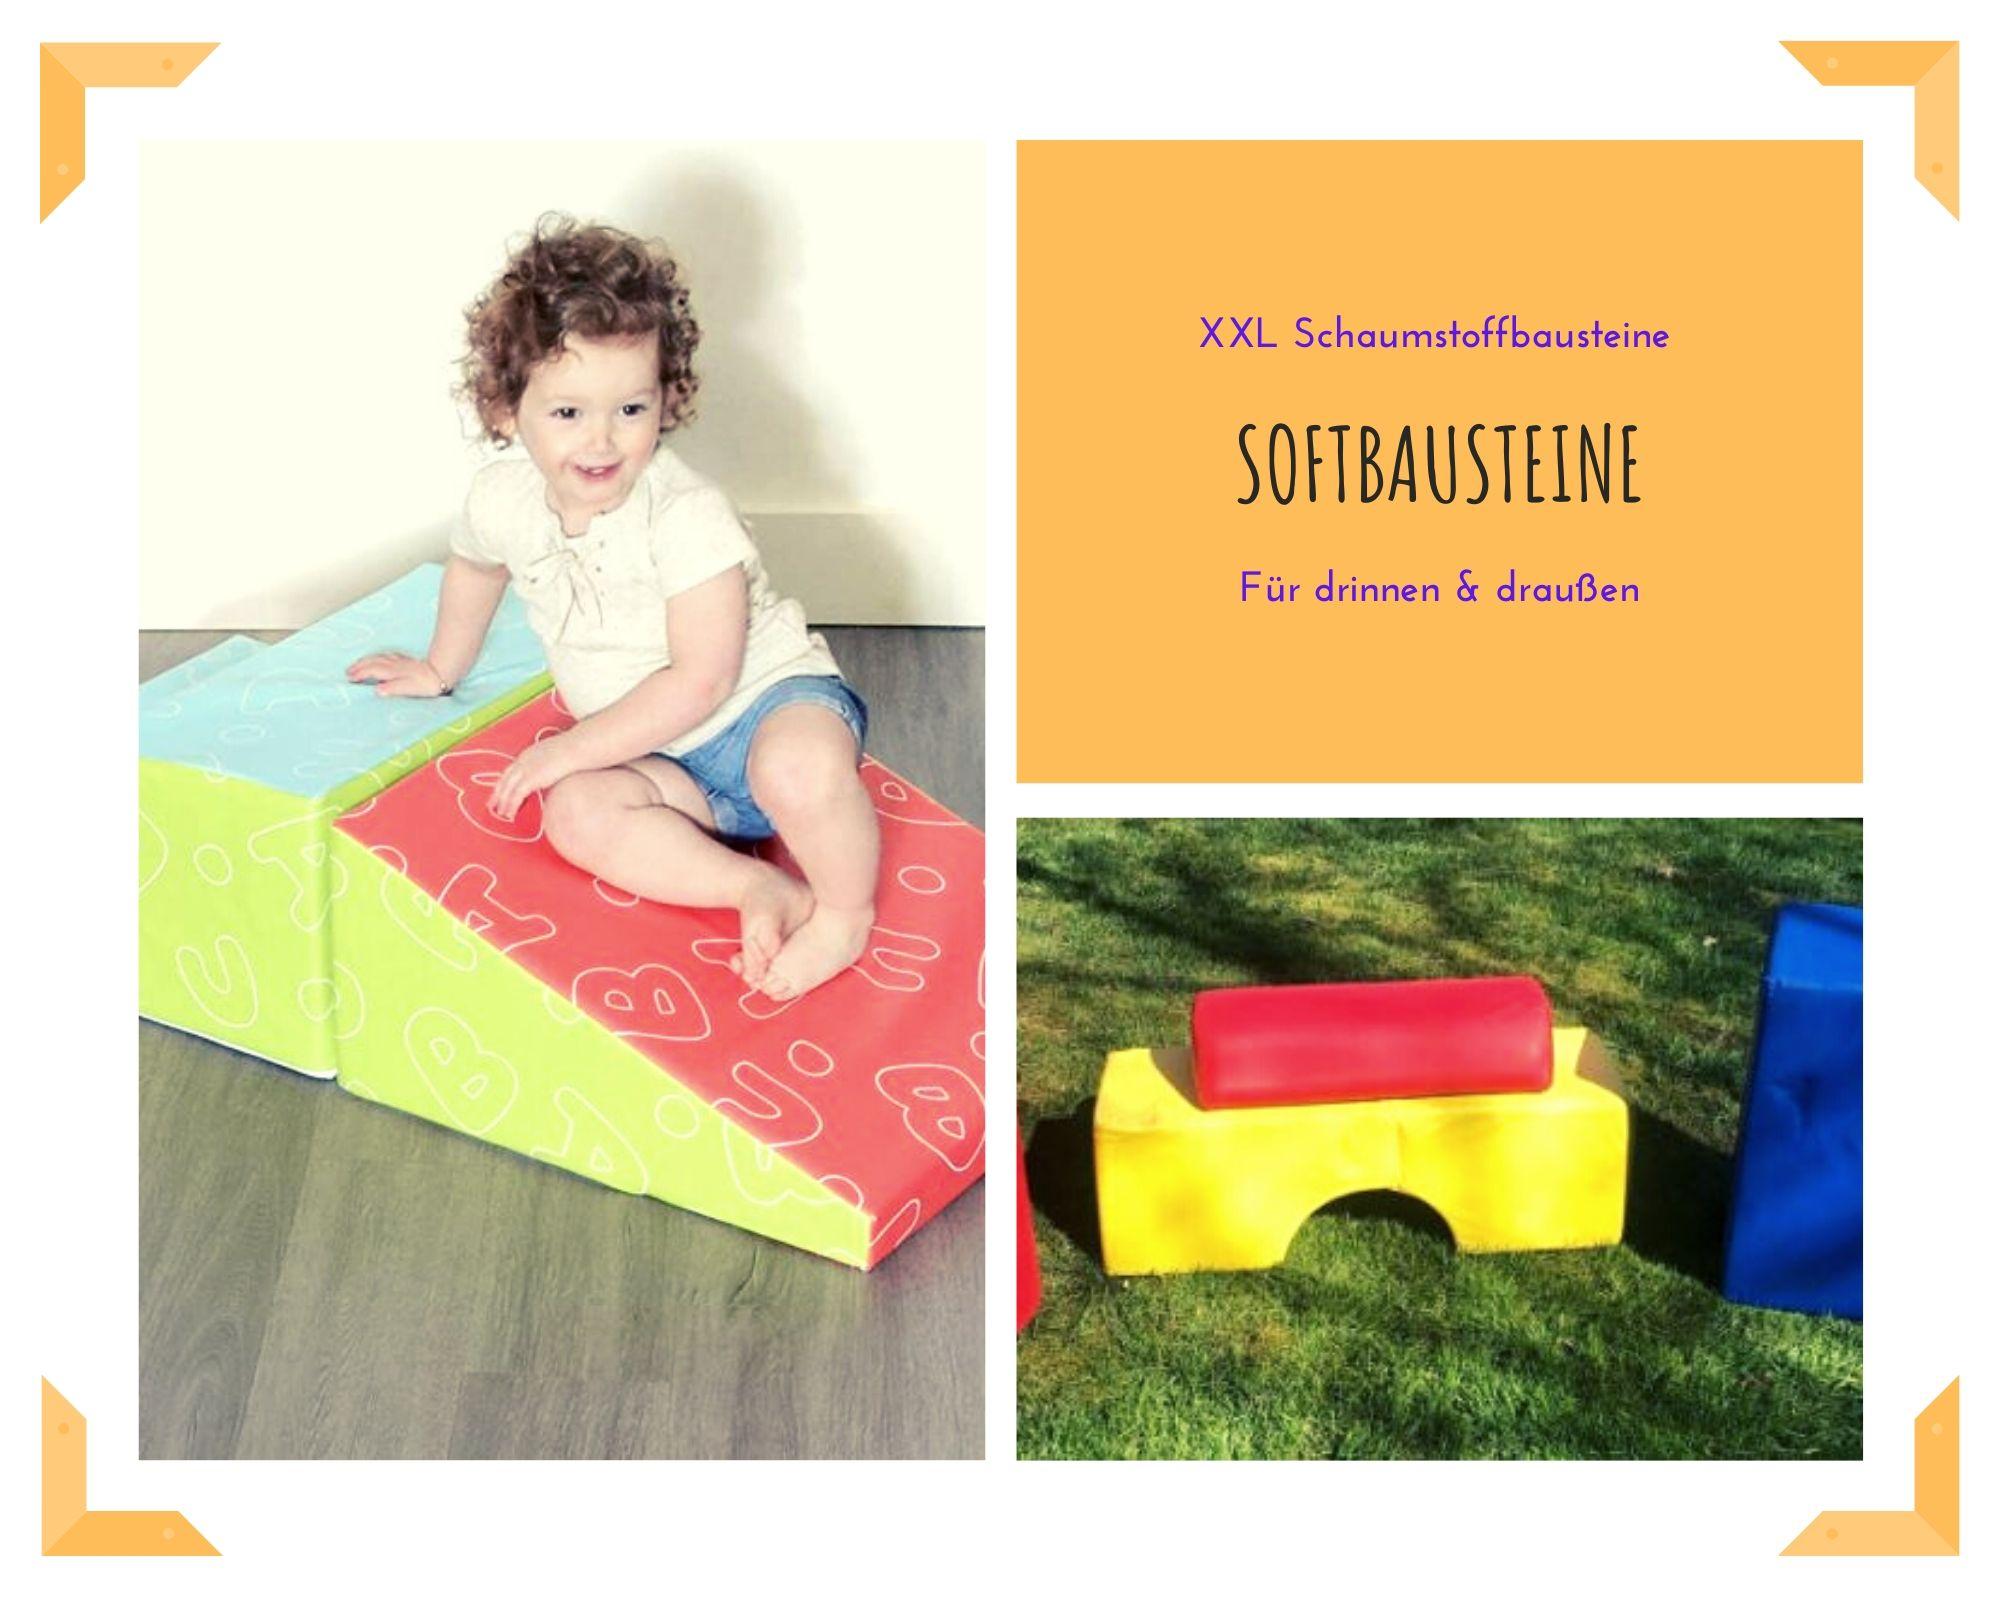 XXL Softbausteine Collage 2